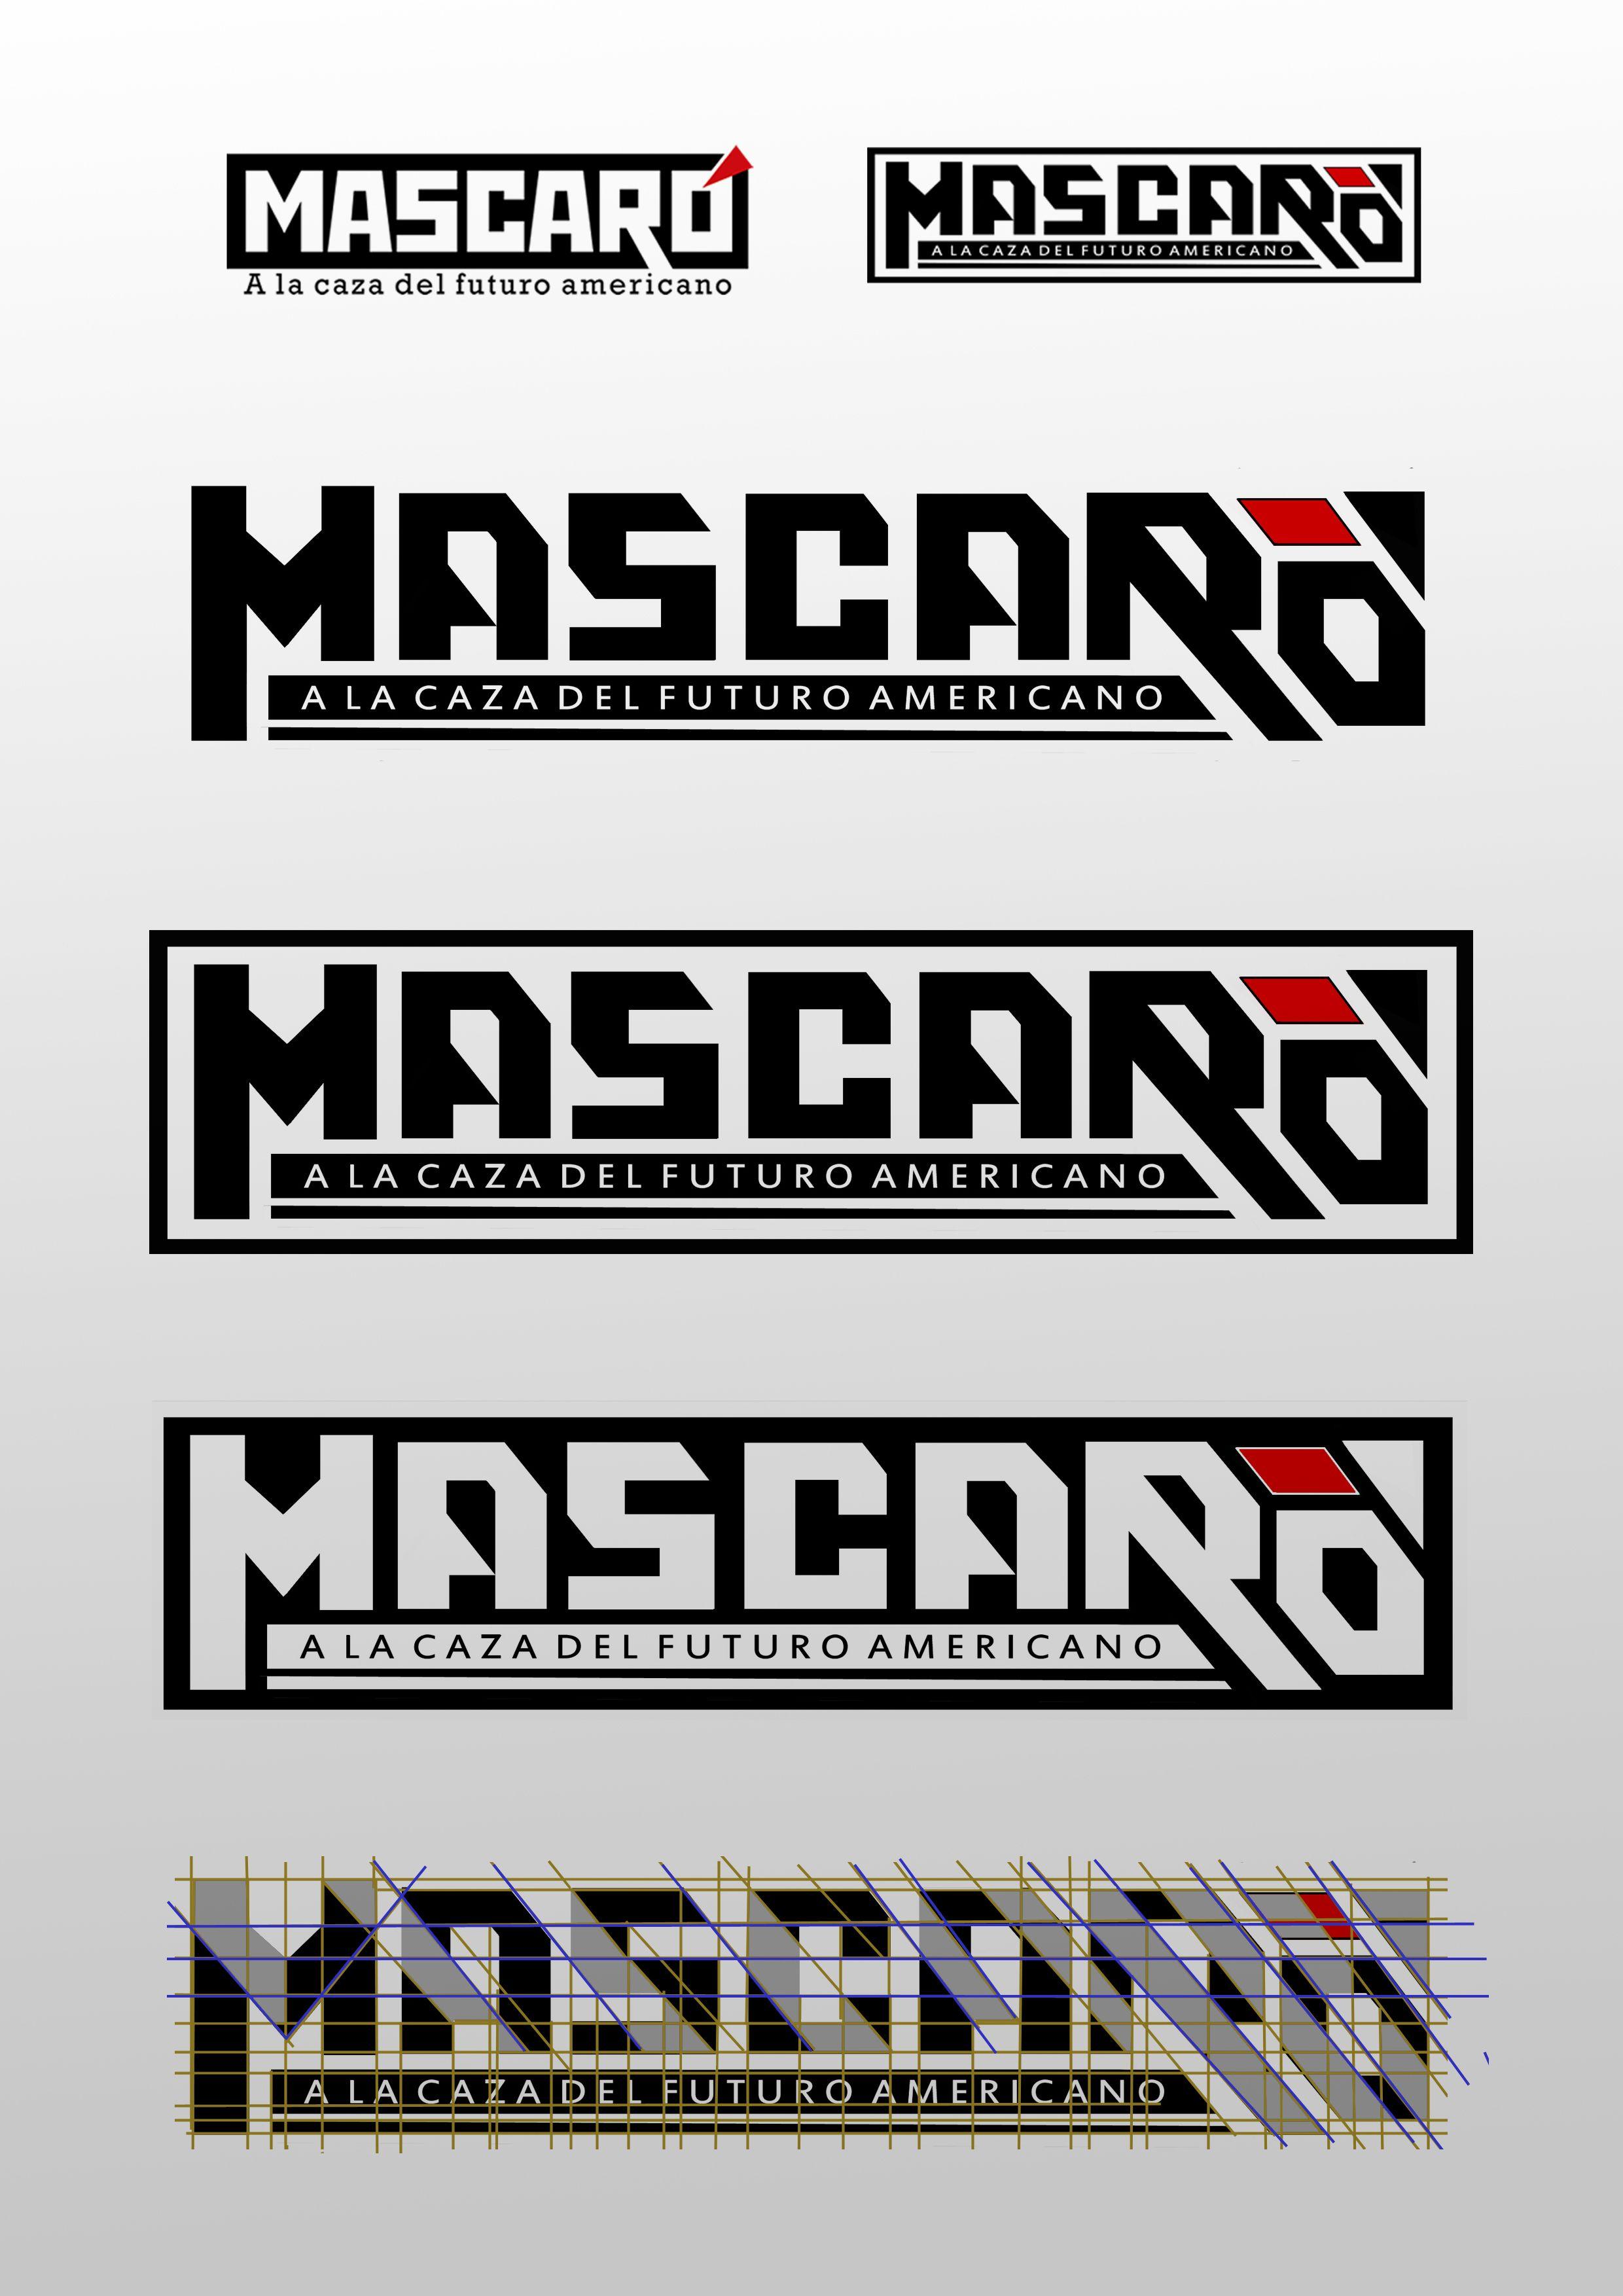 Restyling Arriba A La Izquierda El Antiguo Logo Estático De Revista Mascaró Y A La Derecha El Nuevo Diseño Varia Logotipo Imagotipo Logotipos Disenos De Unas